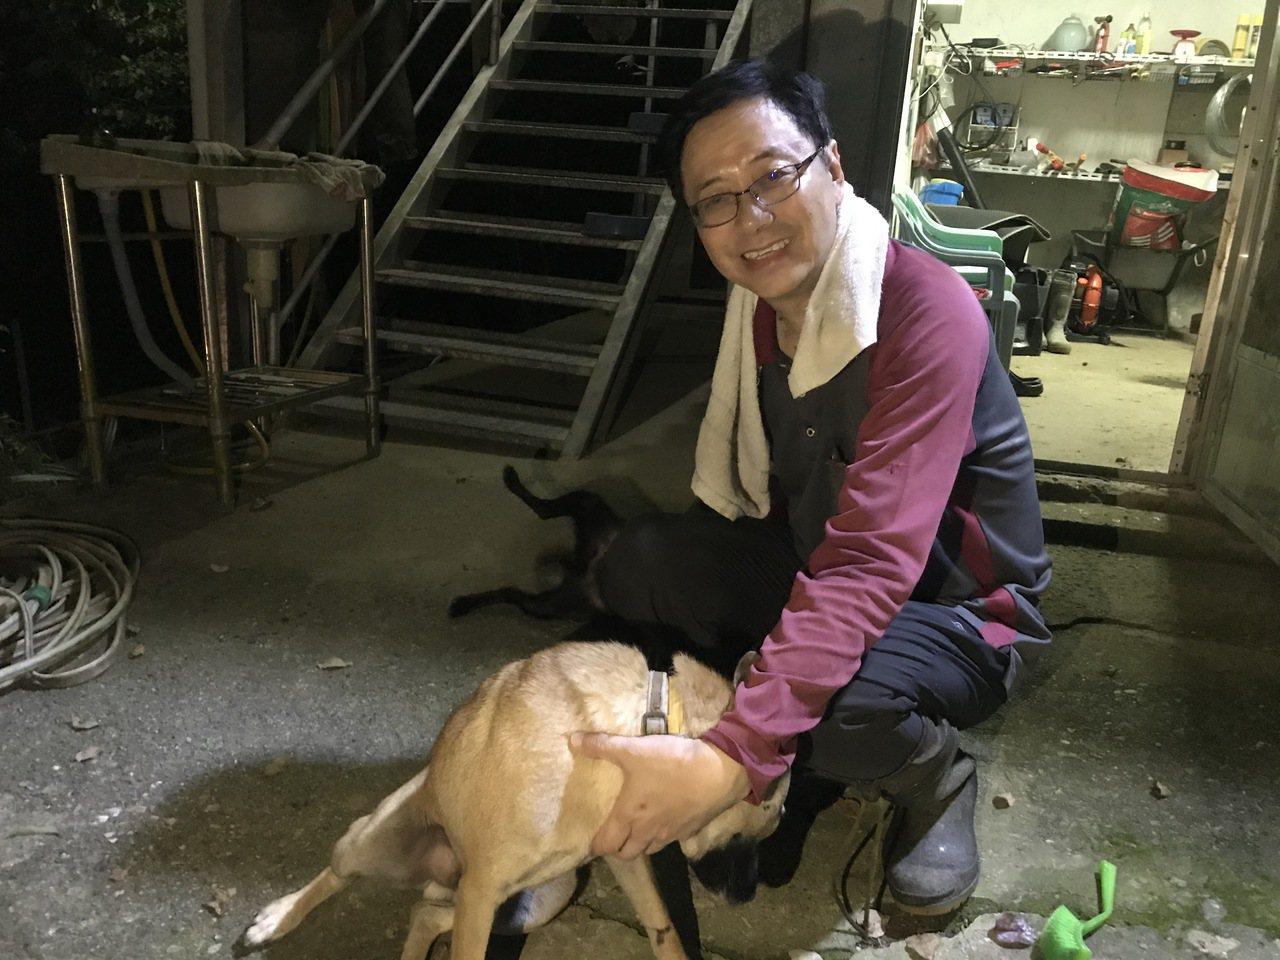 韓國瑜國策顧問張善政證實要擔任韓國瑜副手。記者王思慧/攝影